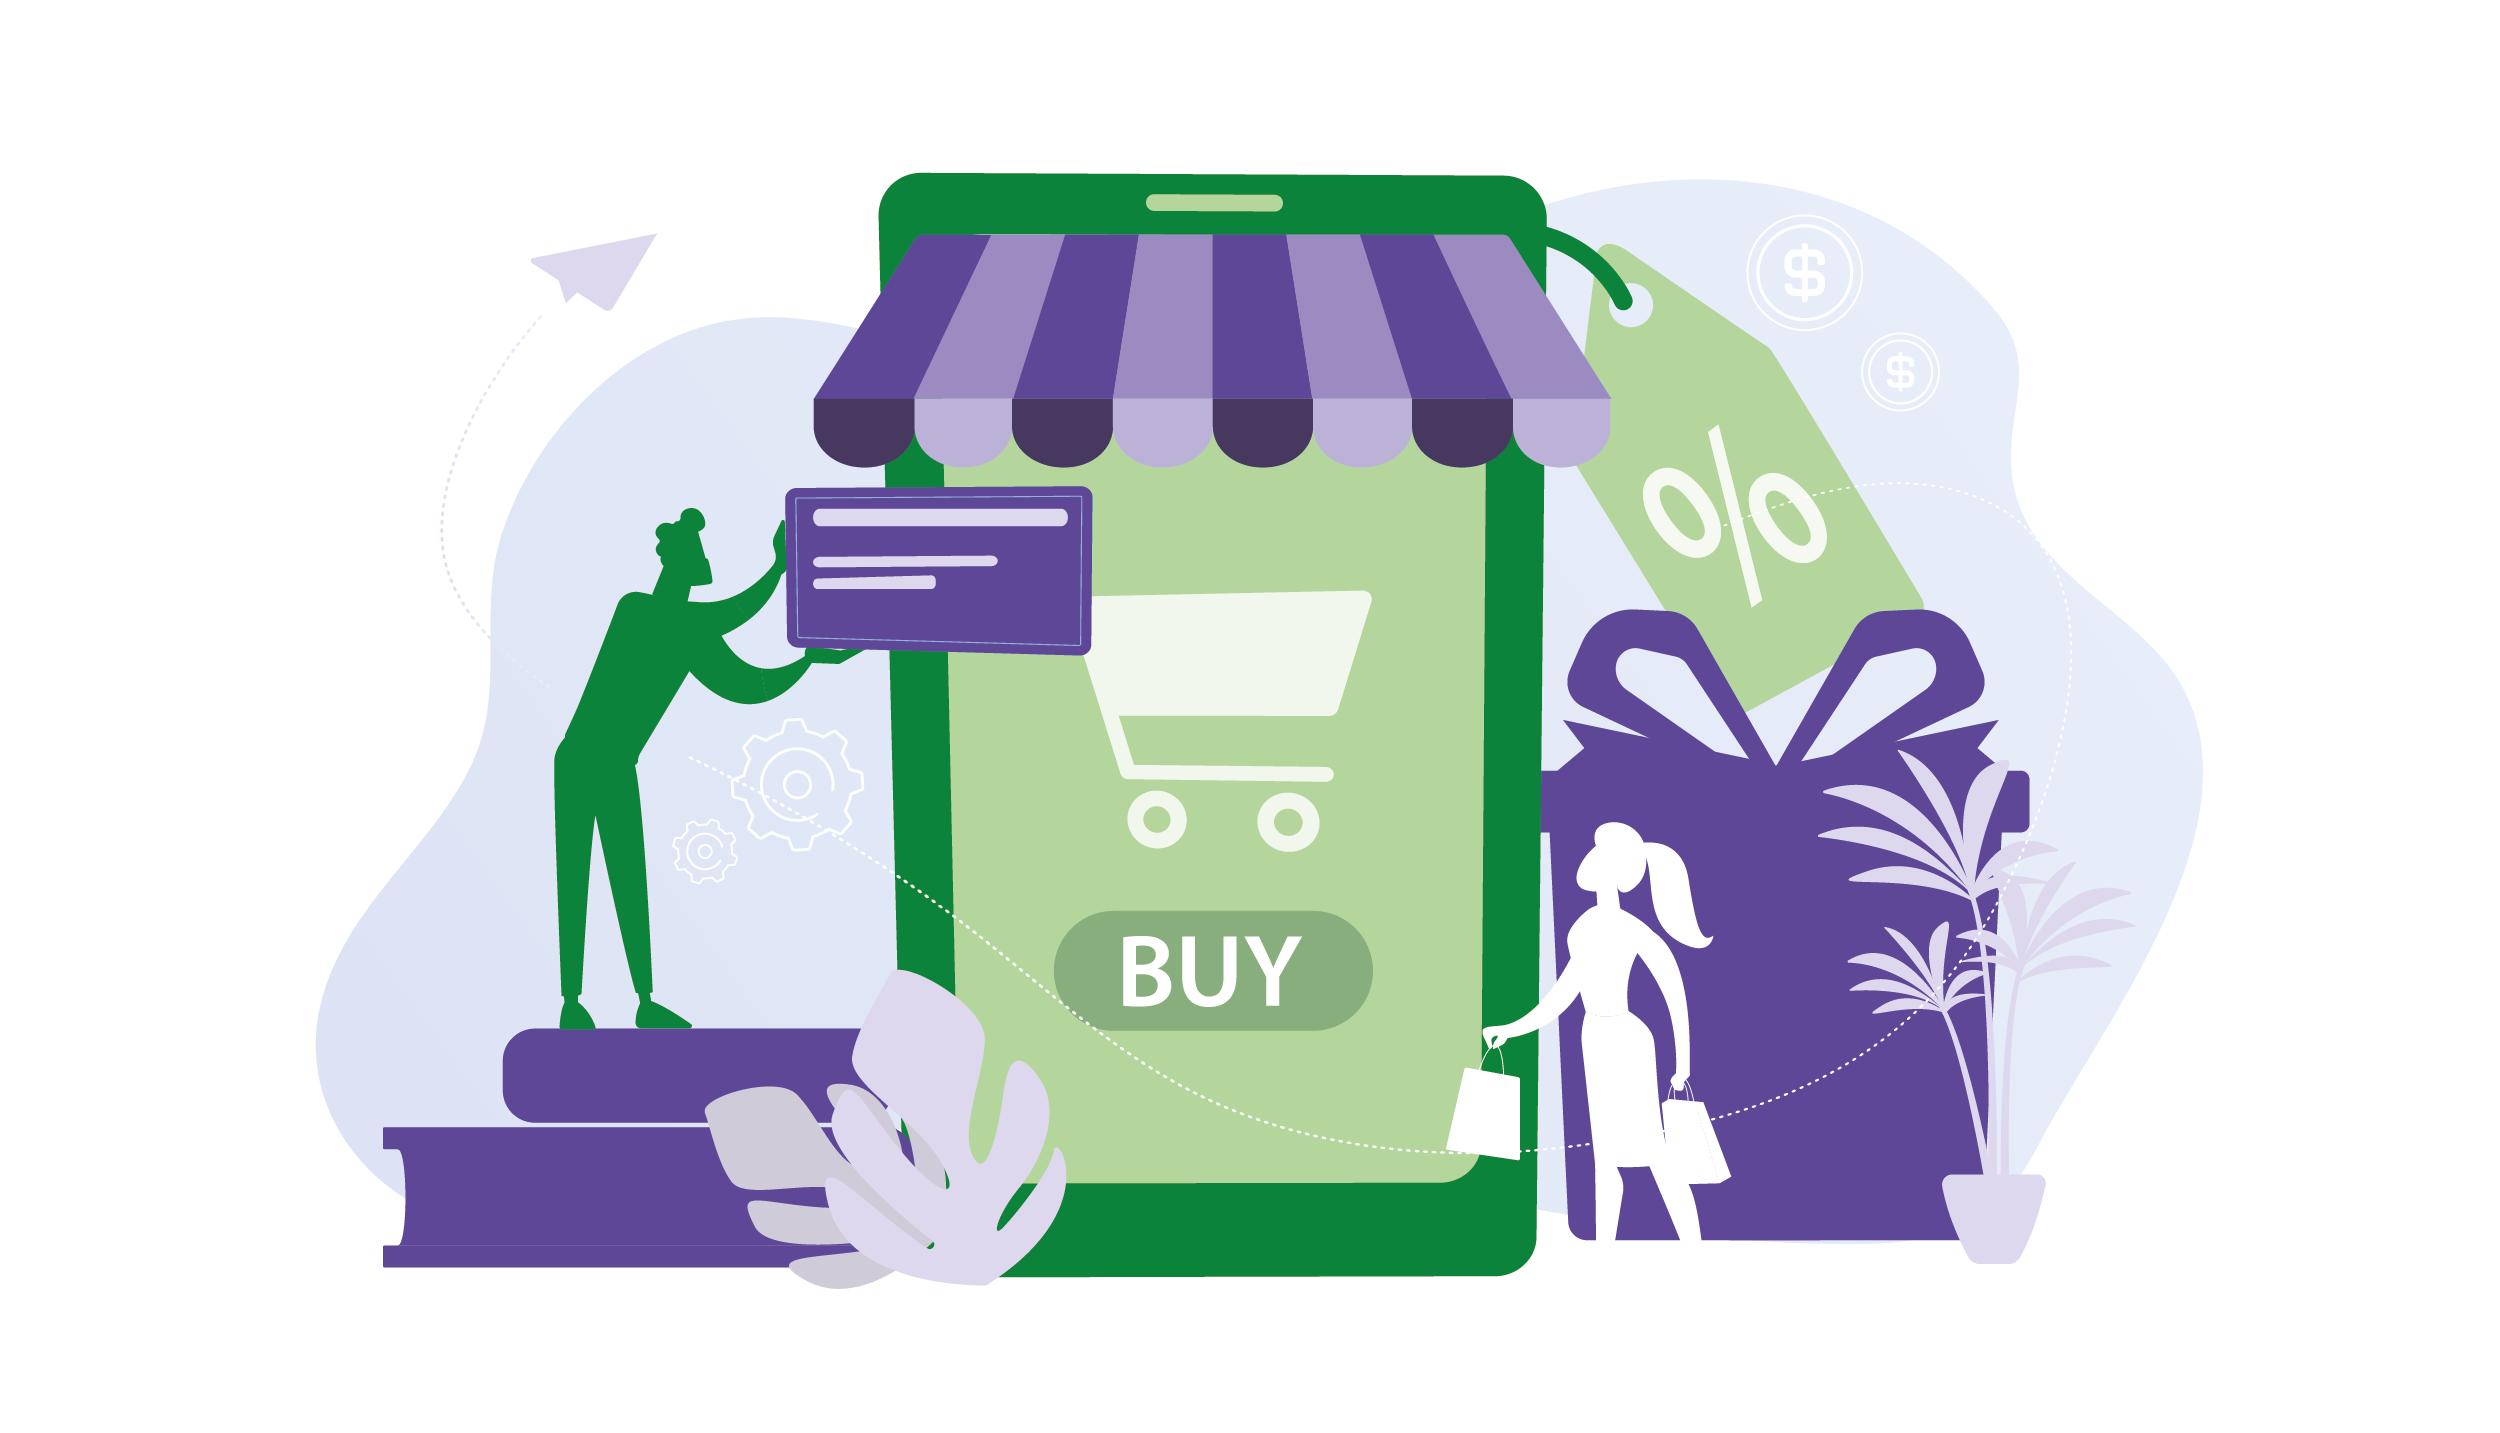 Азбука e-commerce: интерфейс интернет-магазина